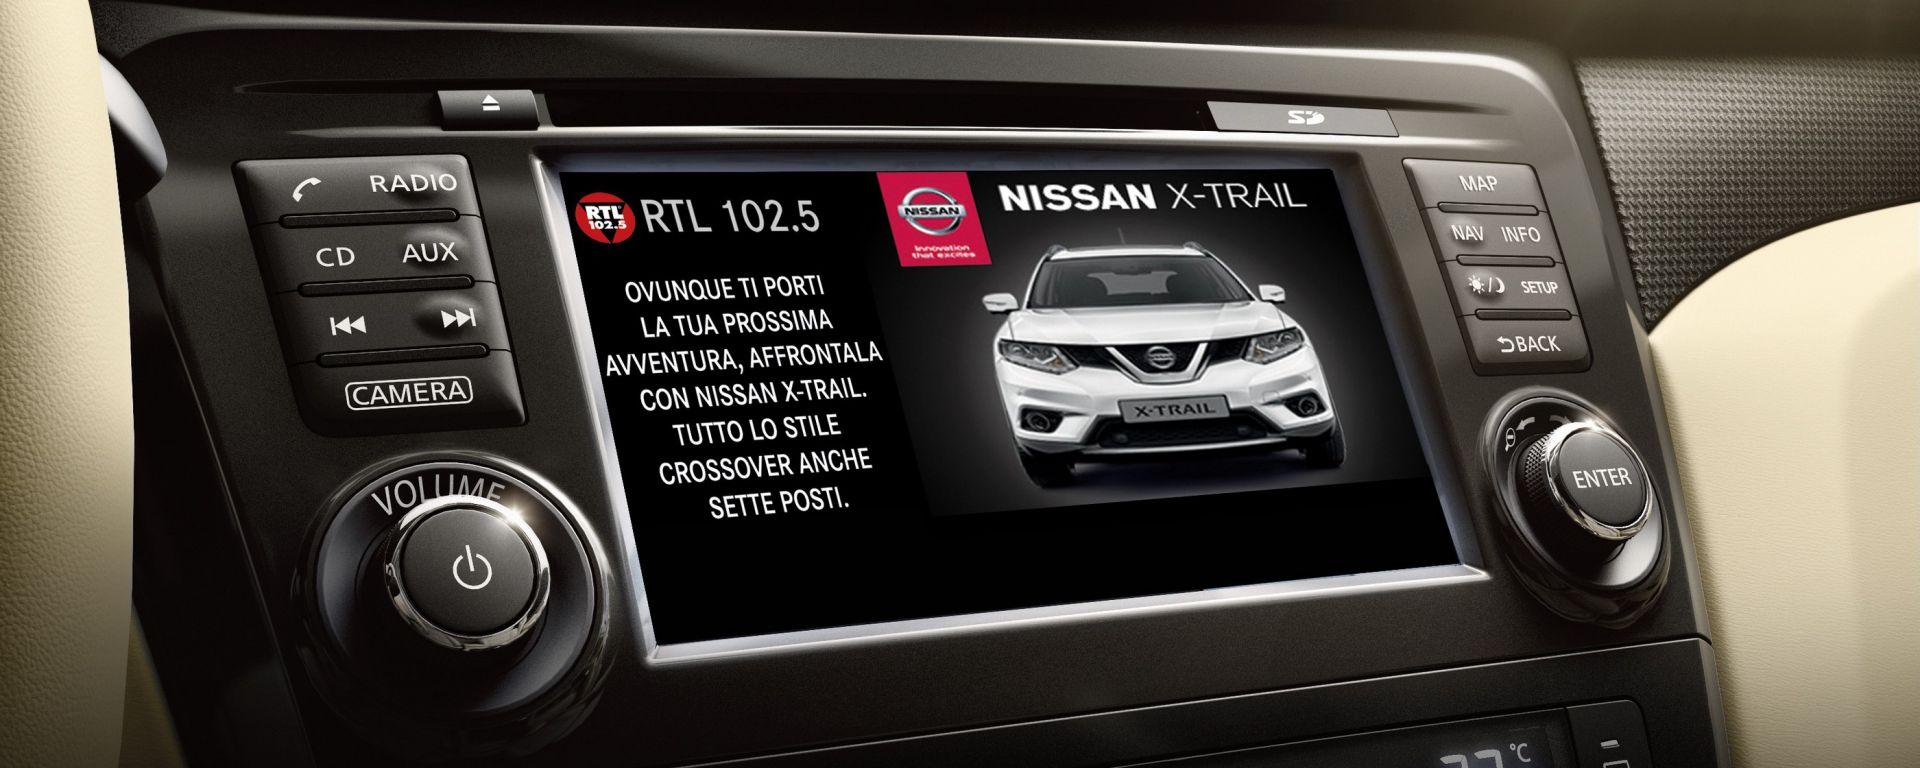 Nissan: nuova comunicazione DAB based